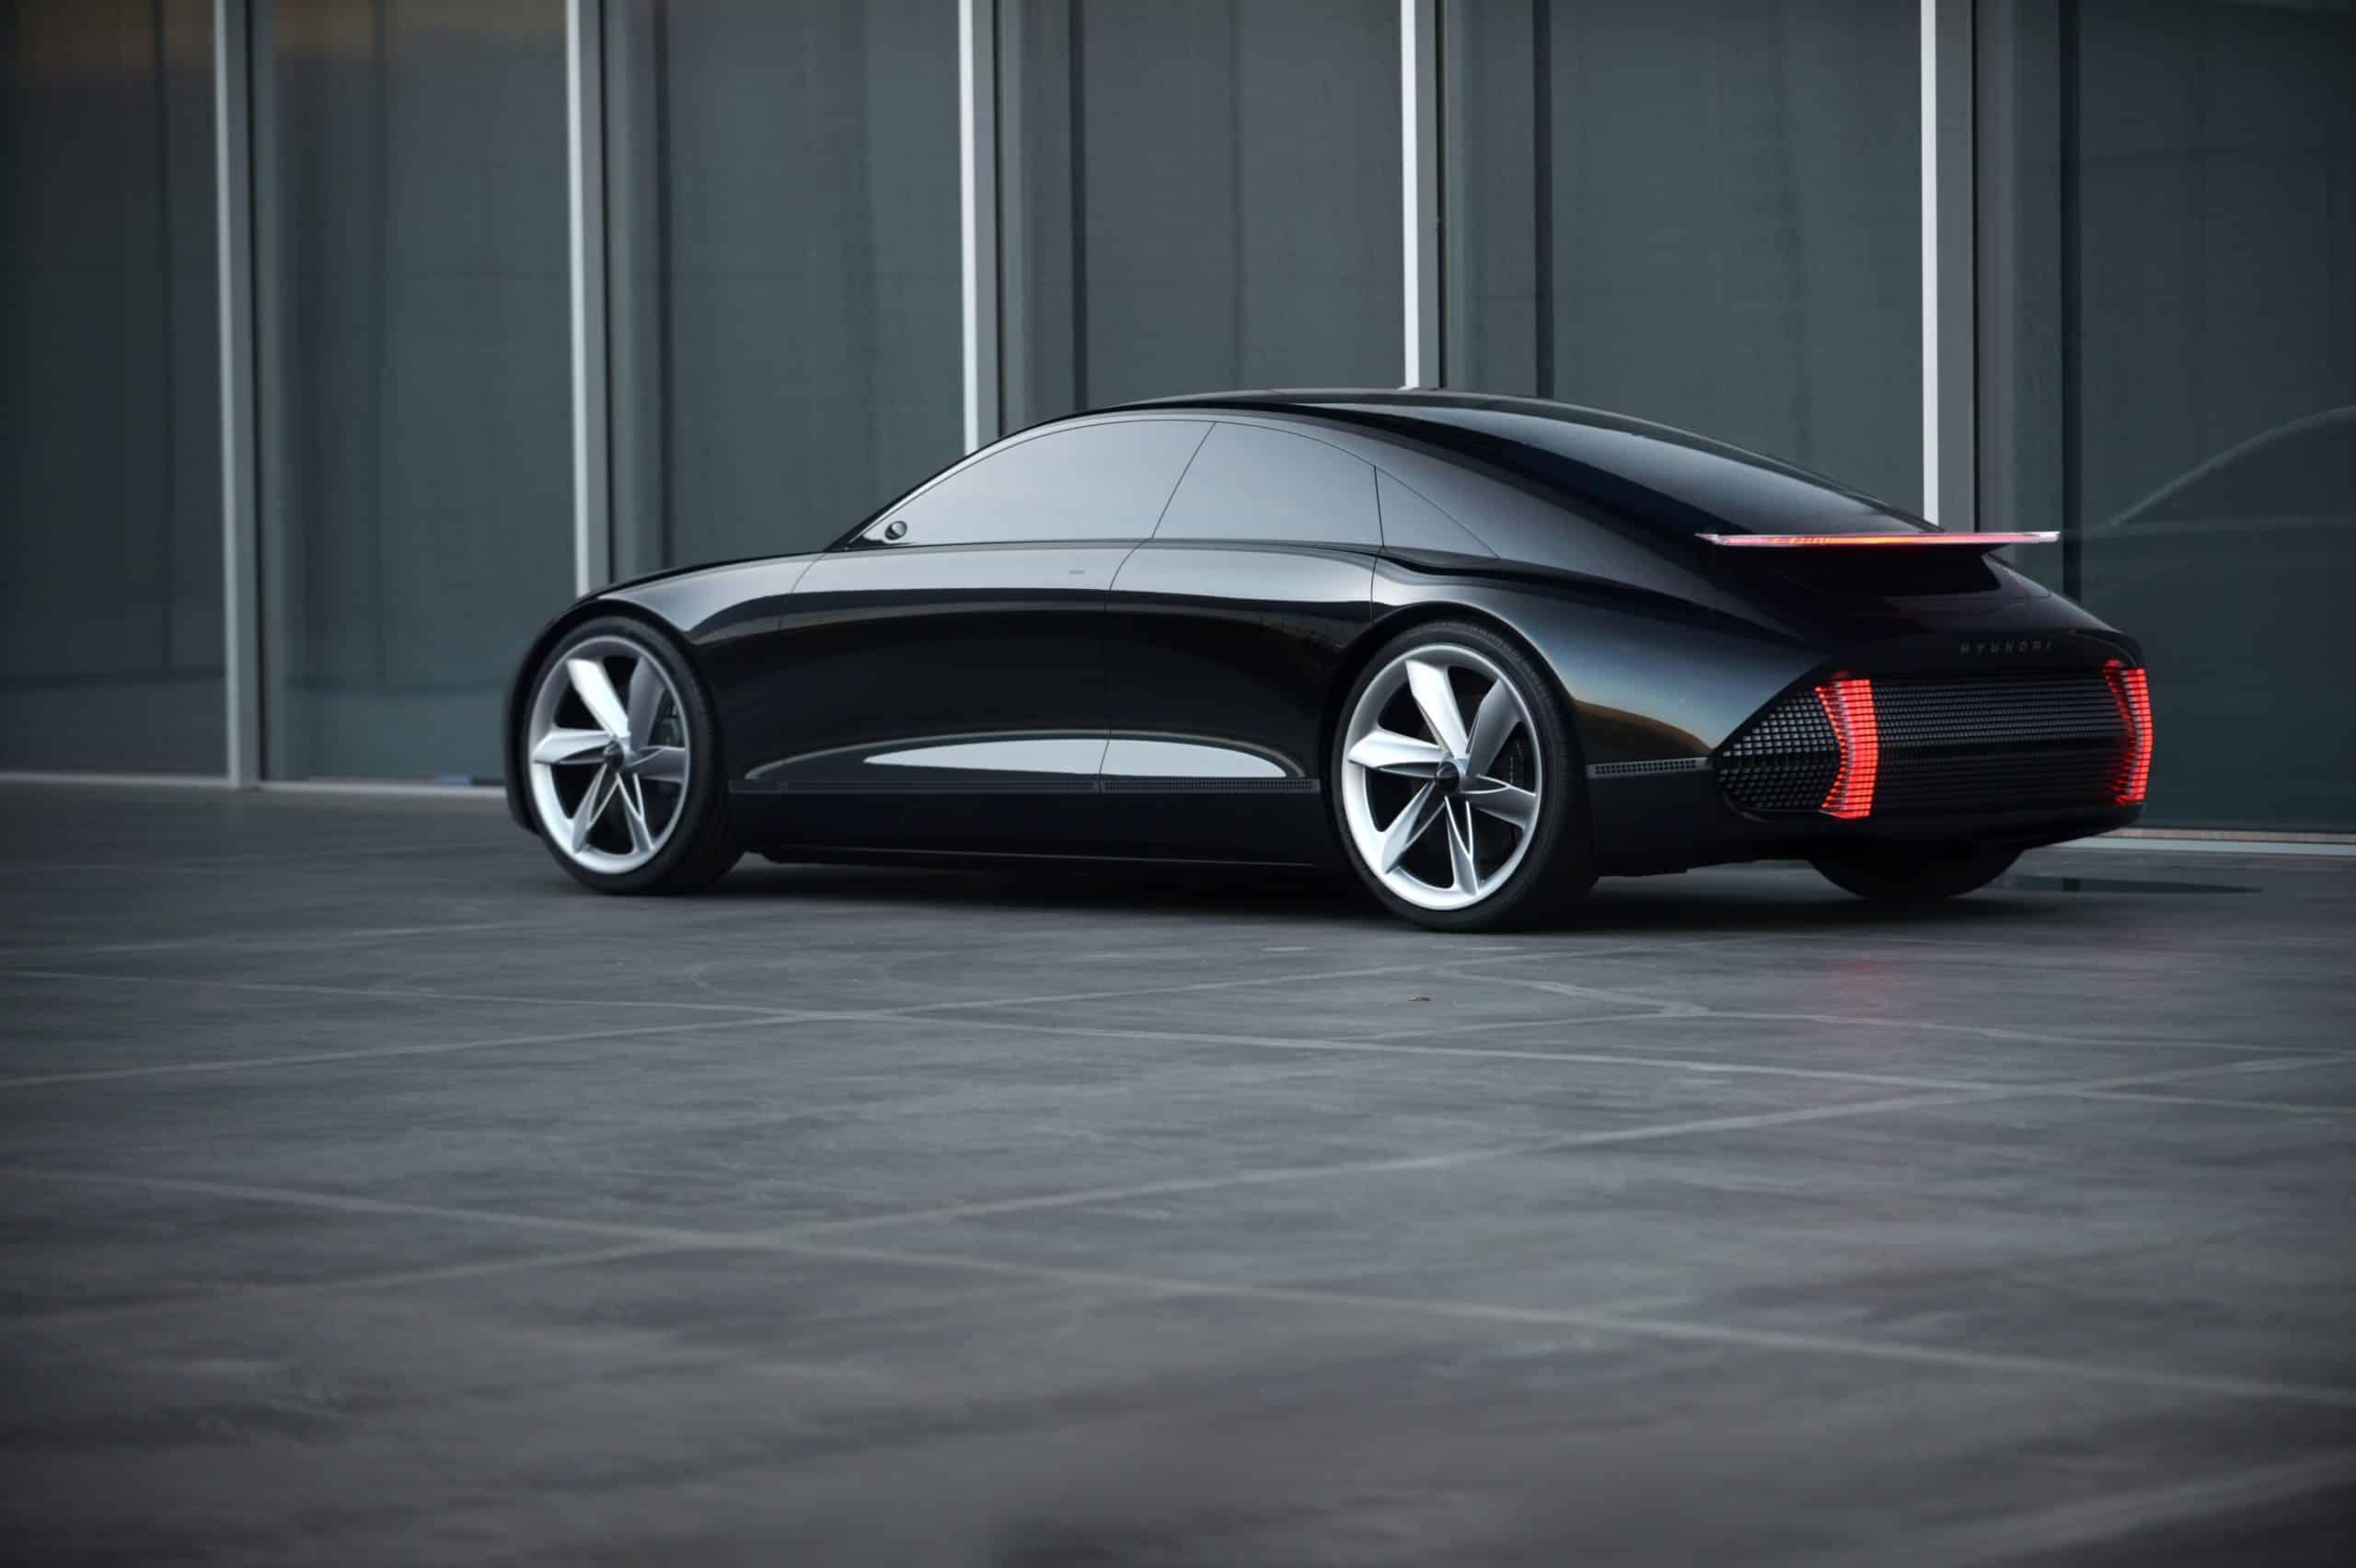 Black Hyundai Prophecy Concept Car rear three quarter view